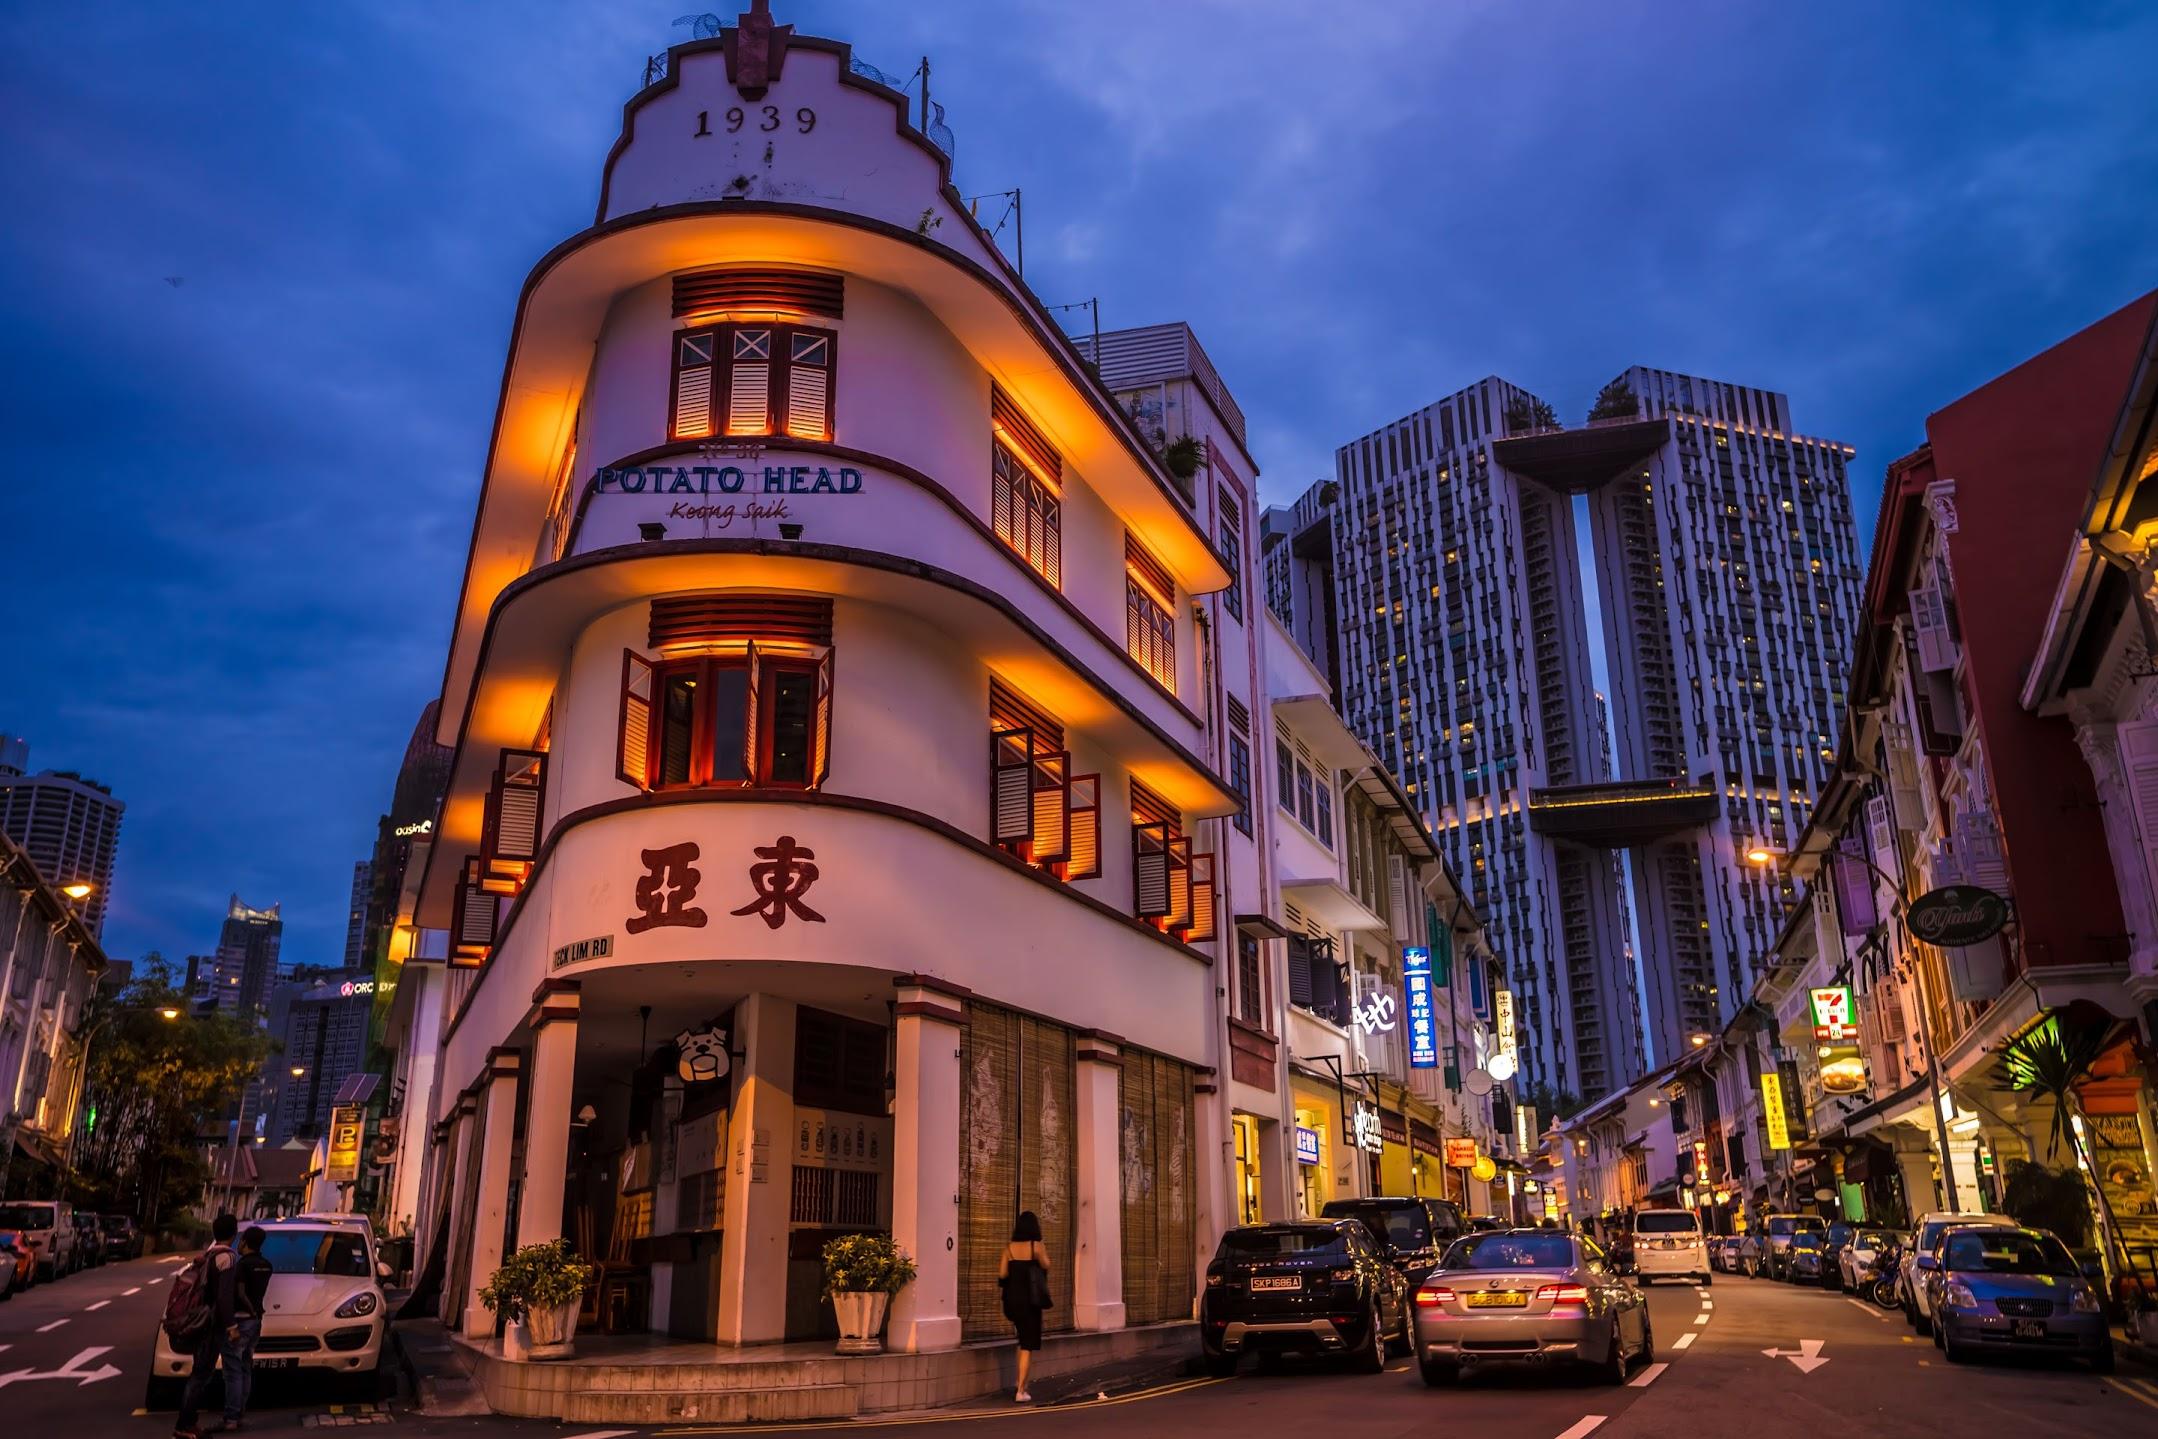 シンガポール 東亜餐館 (Tong Ah Eating House)1